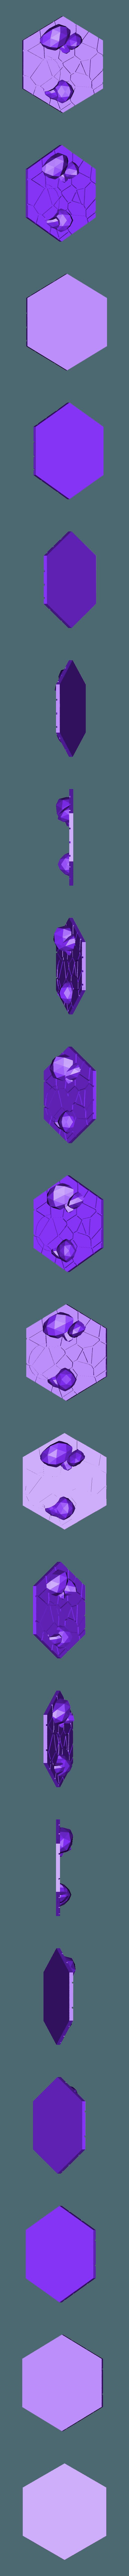 Catan_-_Brick3.stl Télécharger fichier STL gratuit Jeu complet de carreaux Catan - Buse simple, multicouches multicolores • Objet pour impression 3D, Hardcore3D